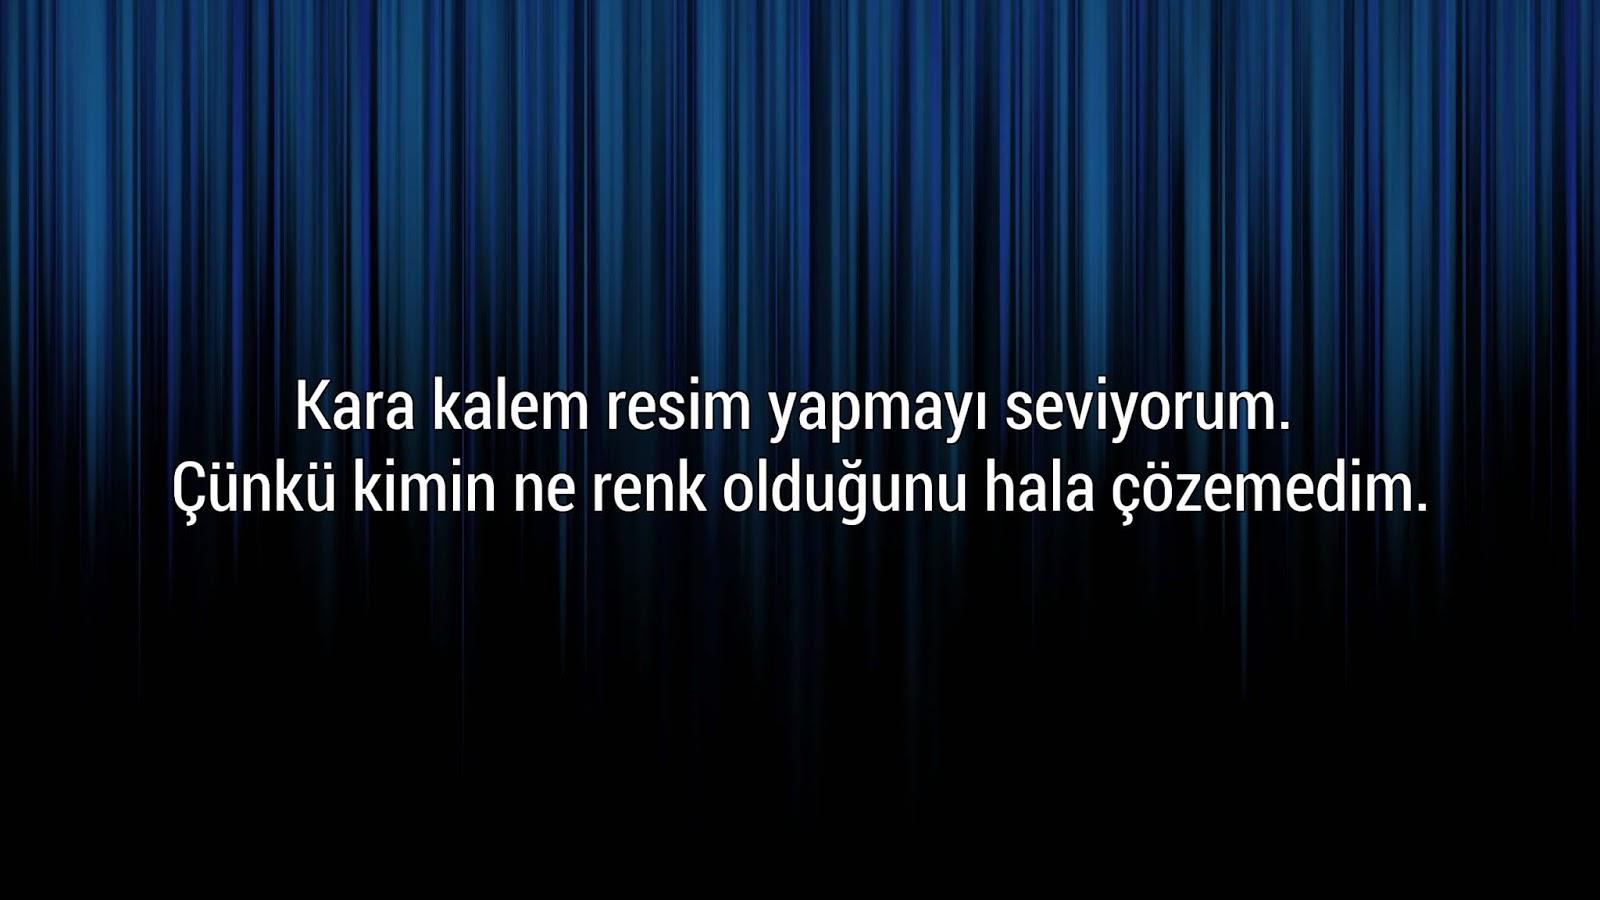 Laf Sokucu Sözler Laf Sokan Sözler Güzel Sözler Sözler Evi